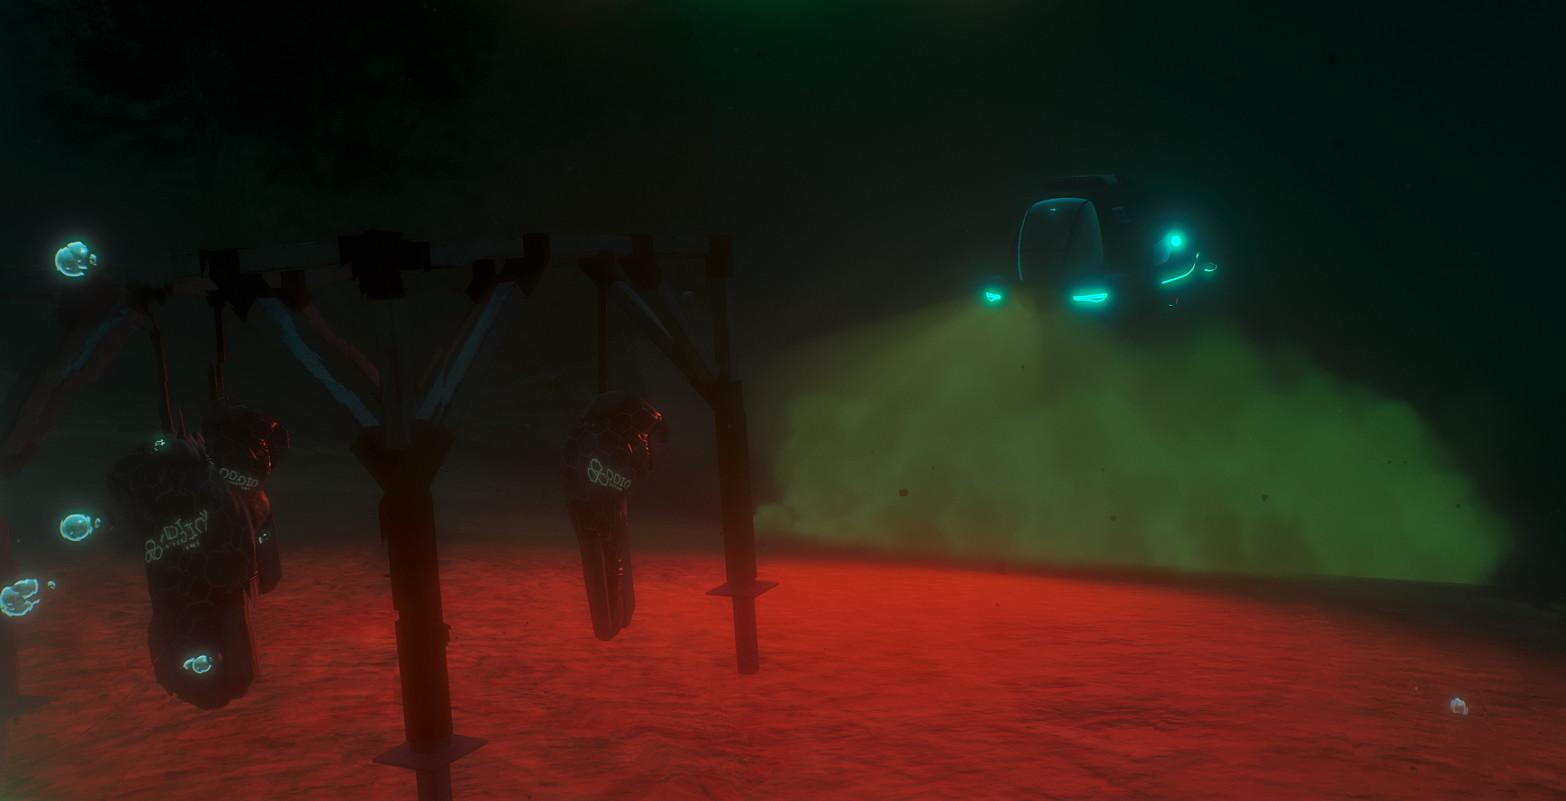 Iron Fish Screenshot 1